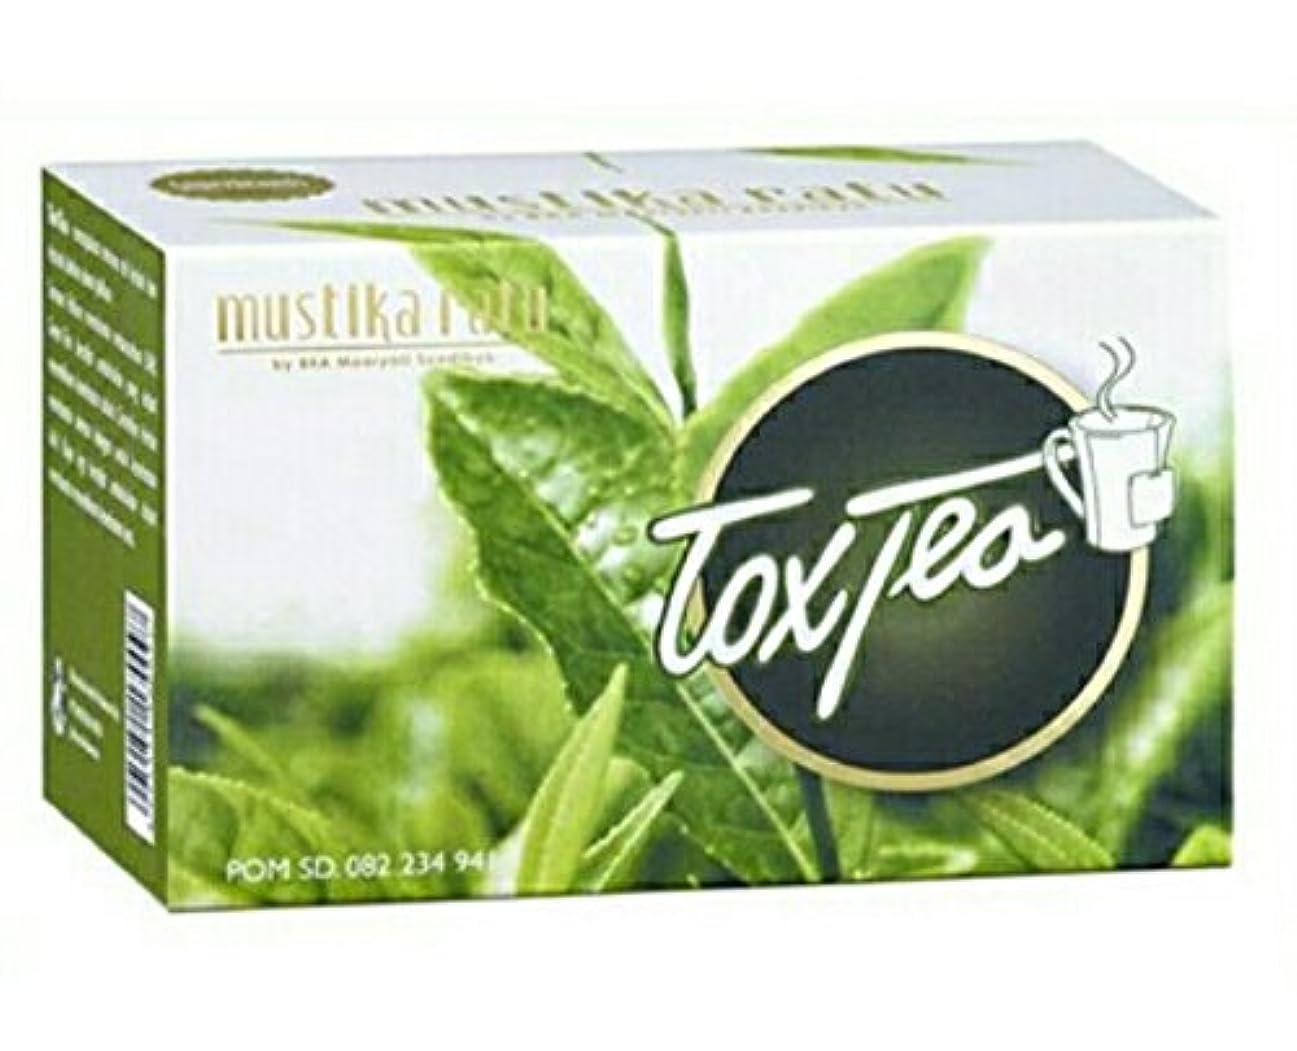 信念ラッシュ矛盾Mustika ratu Tea ムスティカラトゥトックスティー3箱x 15個のティーバッグ= 45個のティーバッグ